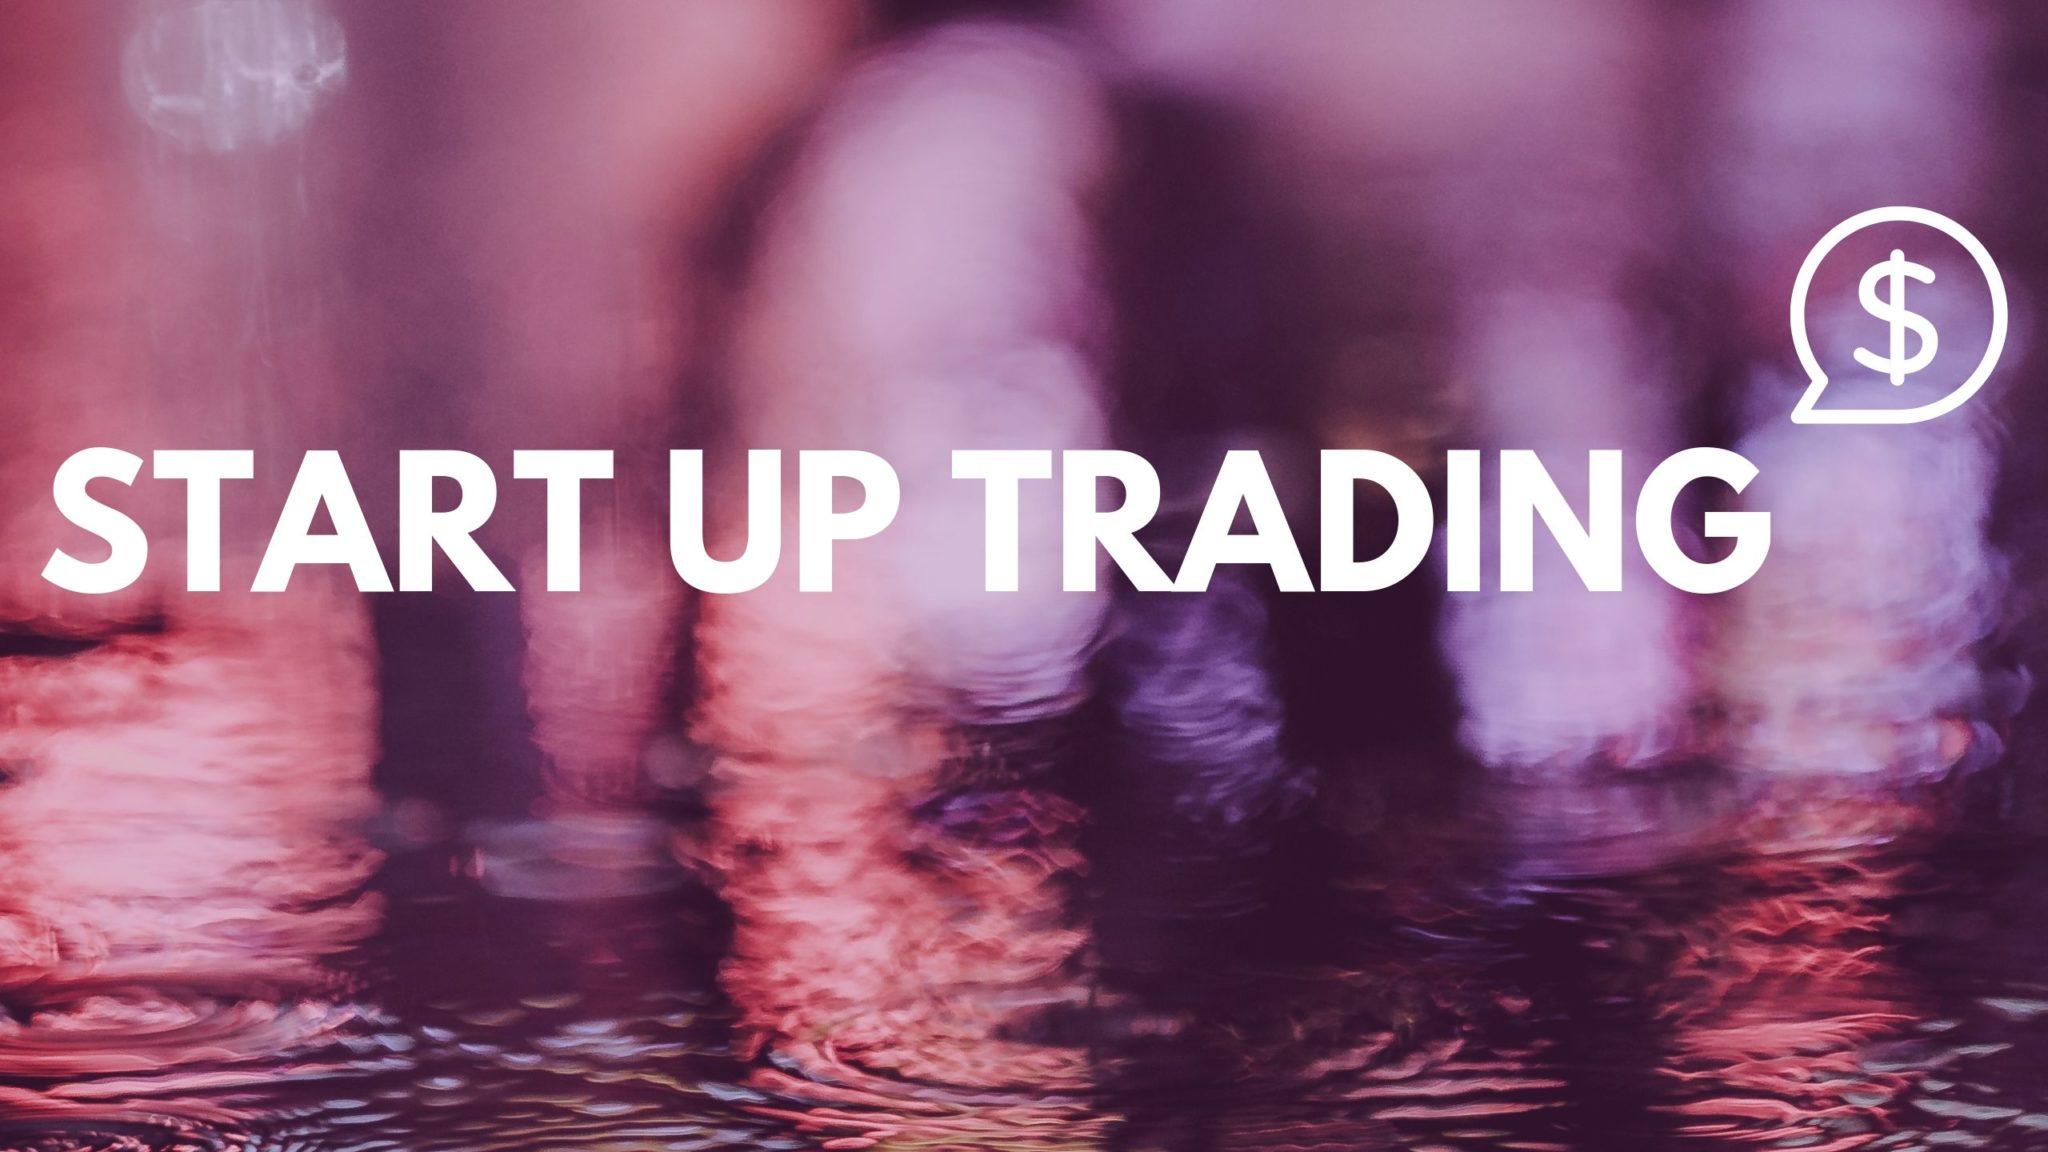 Start up Trading